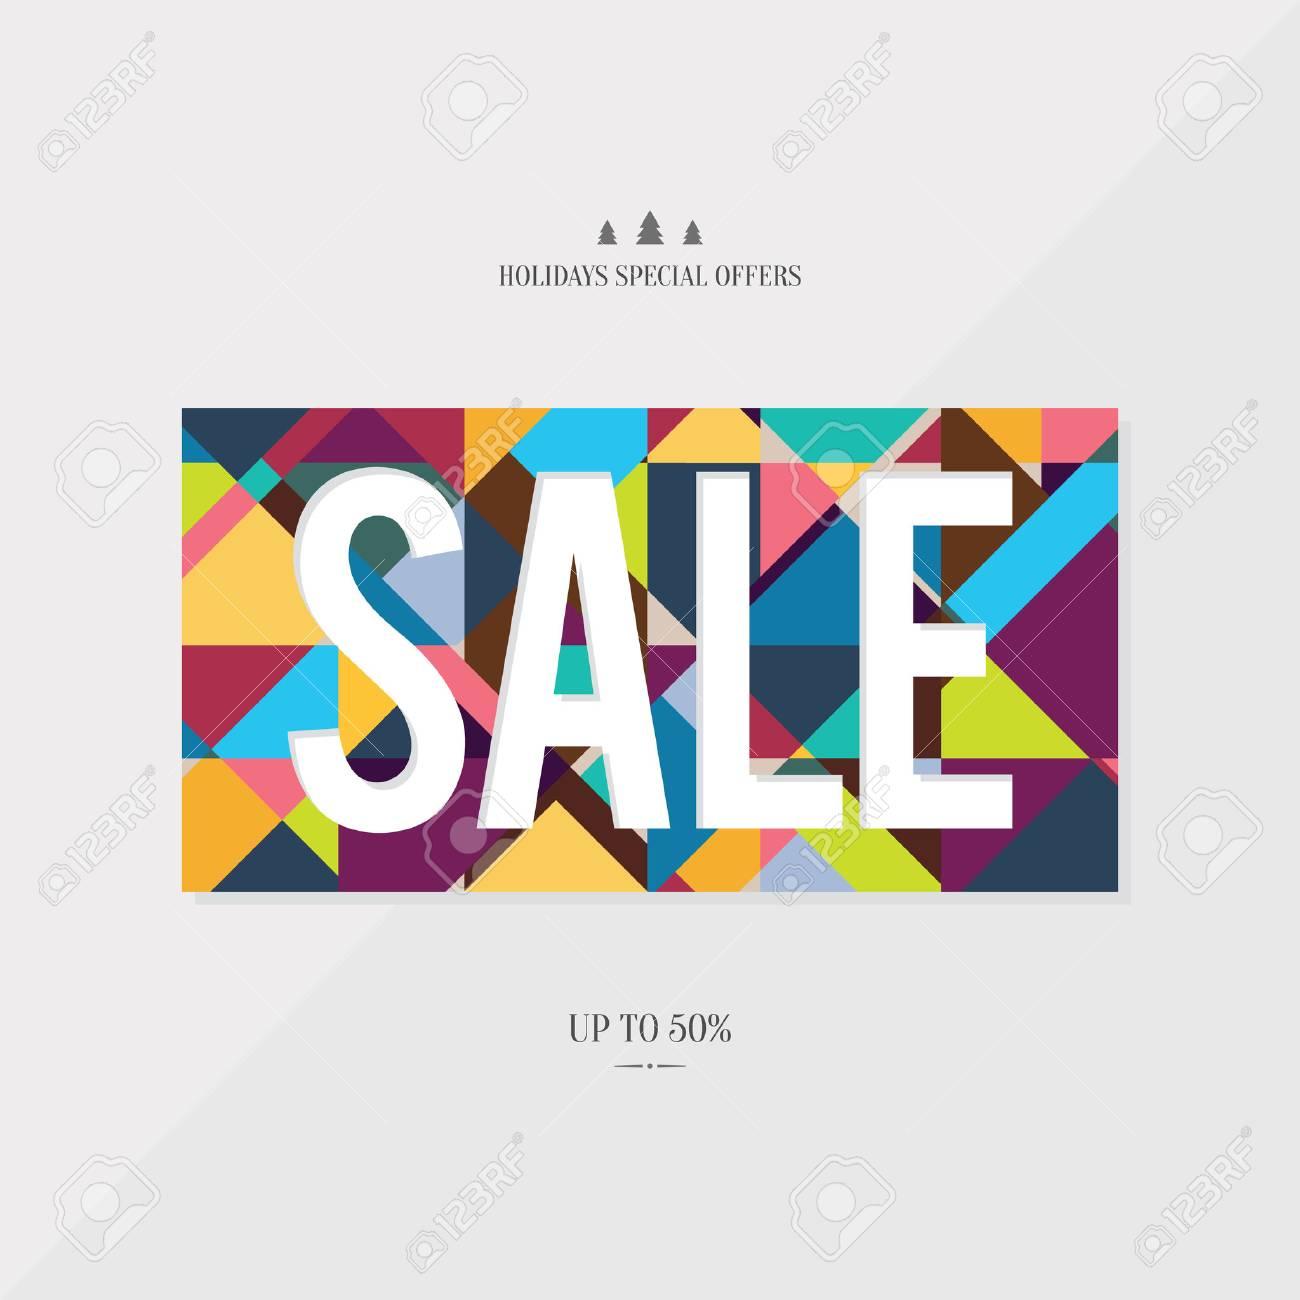 Design poster for black friday sales - 31872993